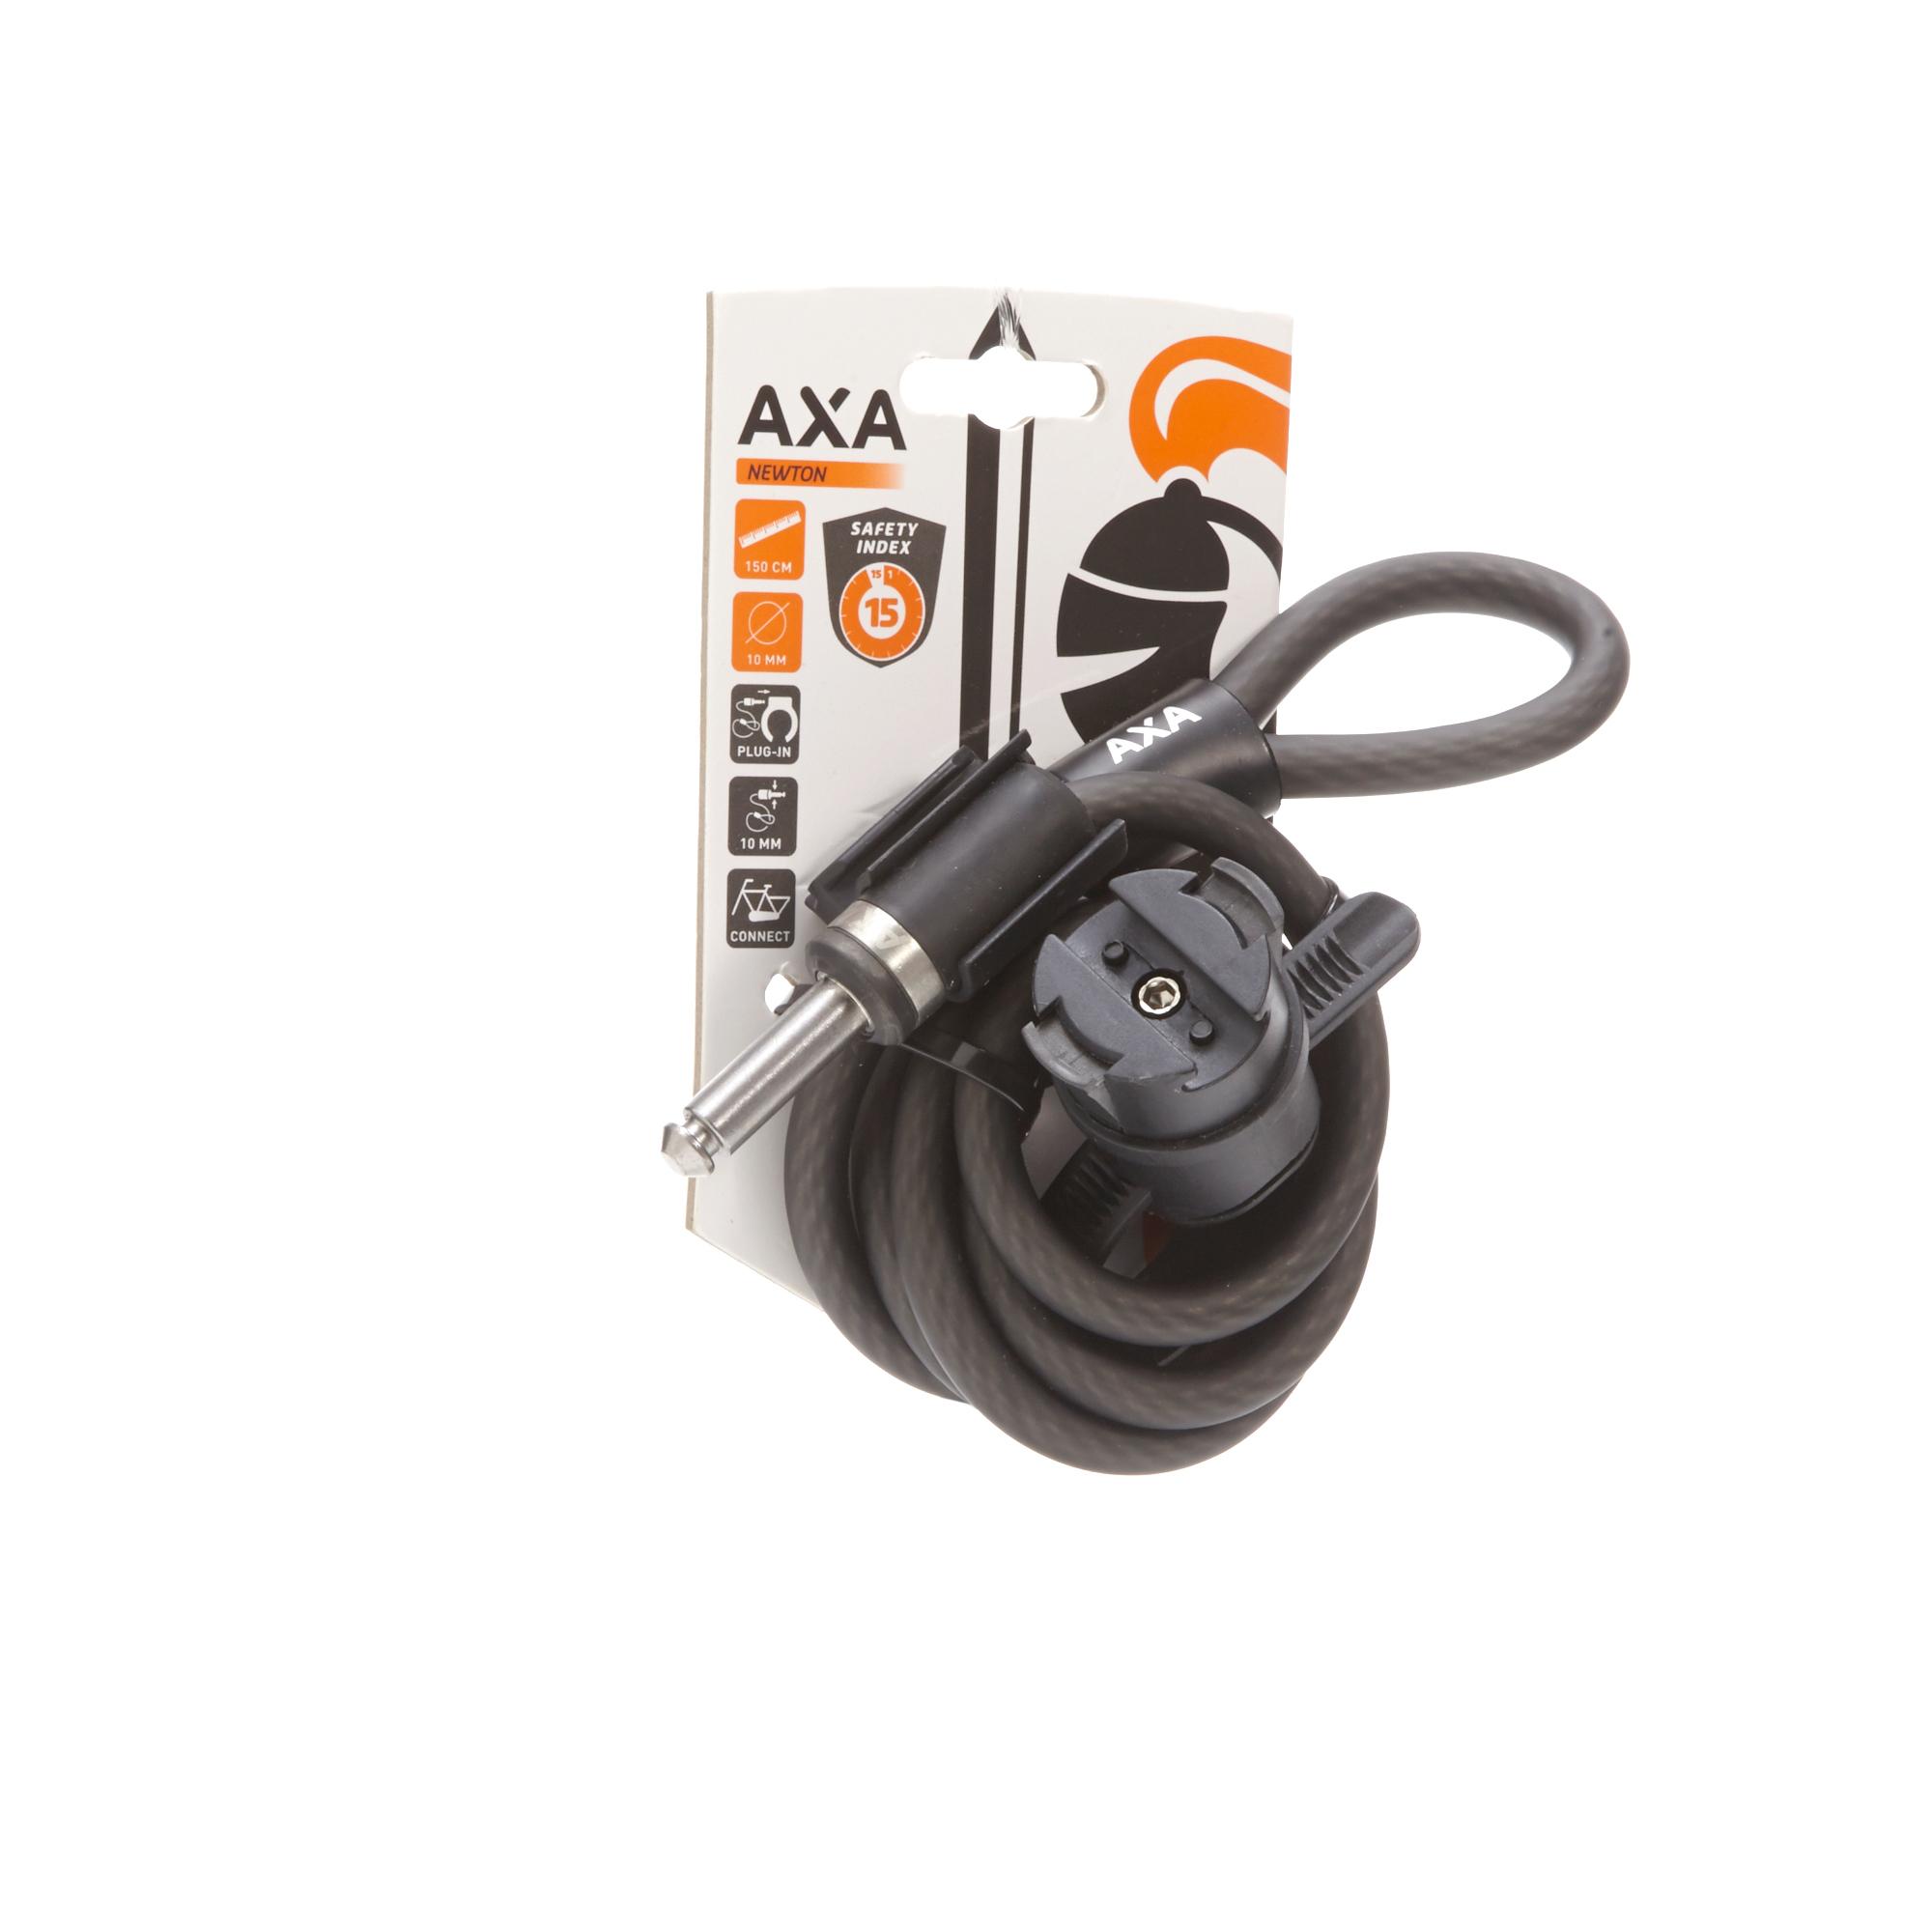 AXA RL80 Plug In Cable For Axa Frame Locks